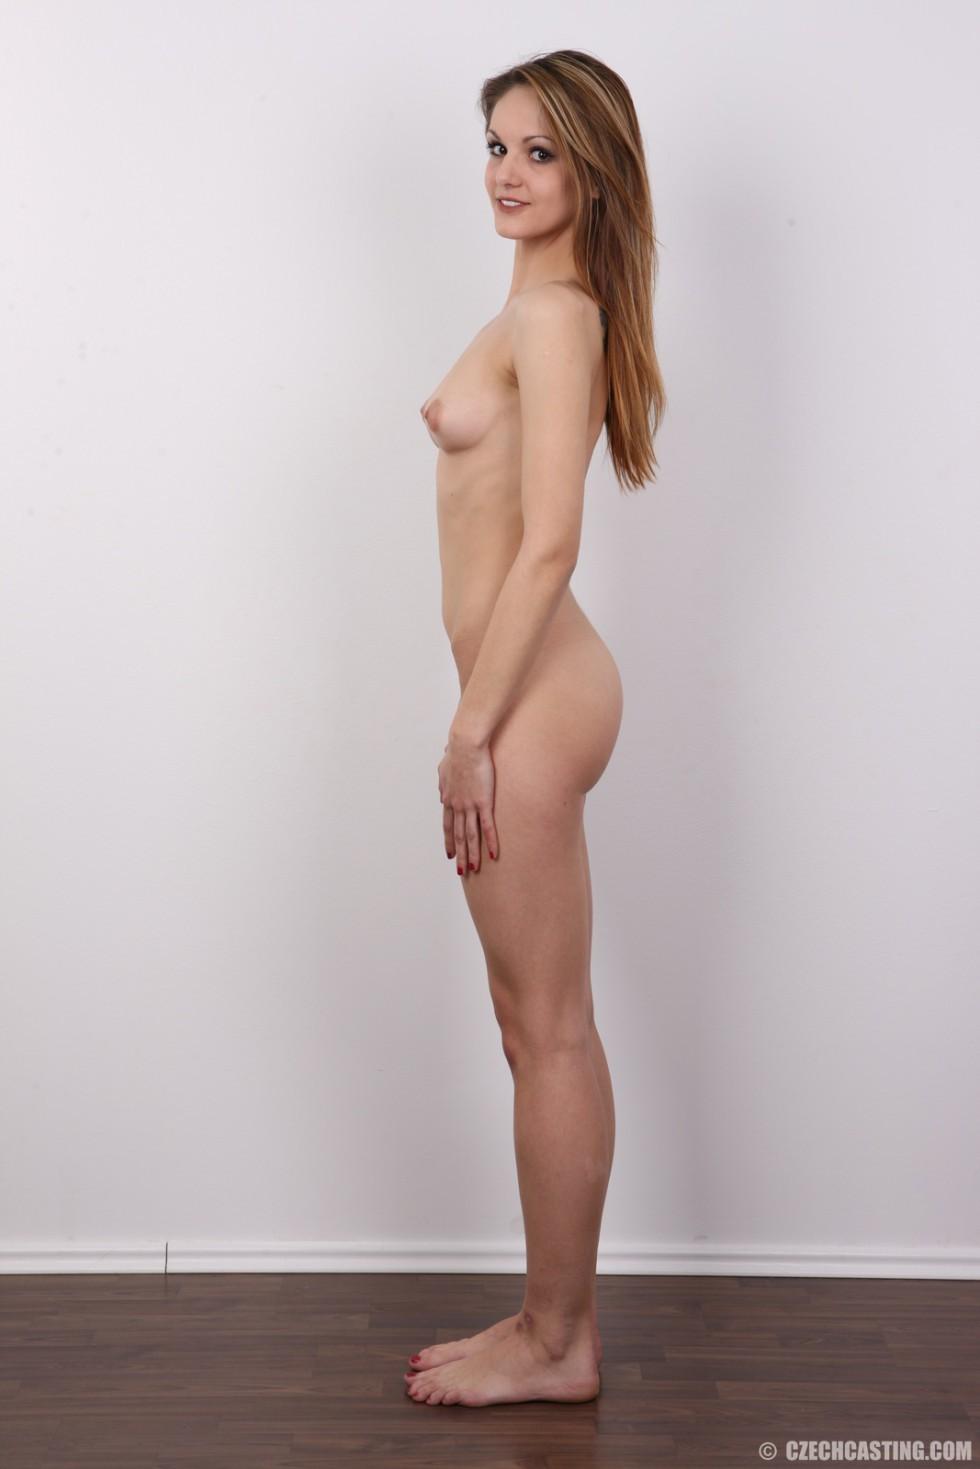 Фигуристые женщины - Порно галерея № 3473001